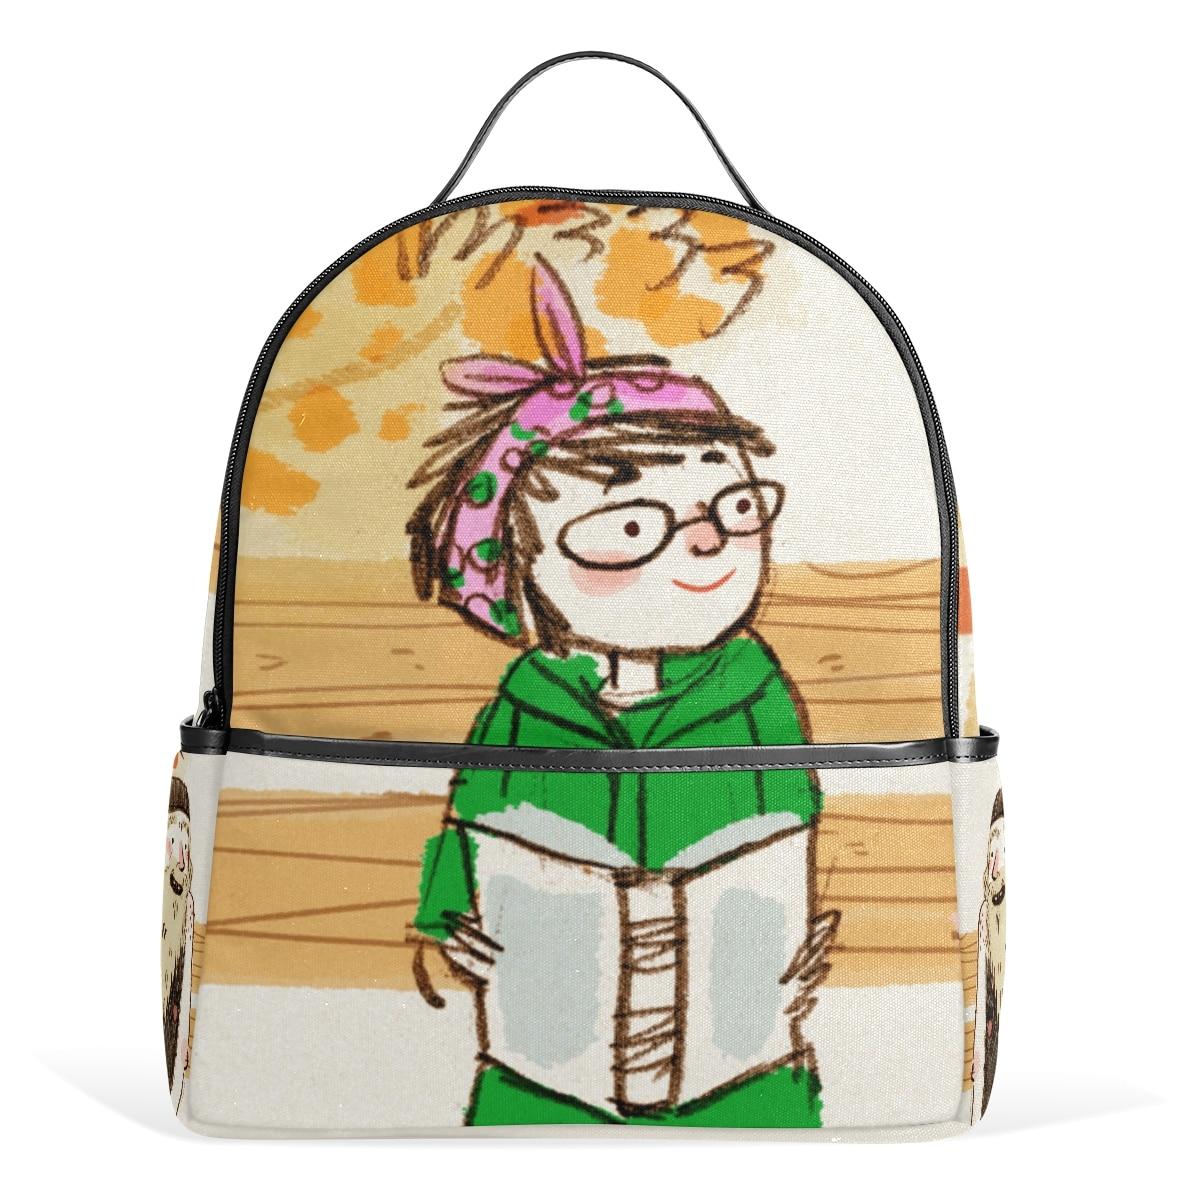 Buy 2017 IBackpack Men Vintage Canvas Backpack Rucksack Laptop Shoulder Travel Bag Packs Mochila Feminina Hot Sell